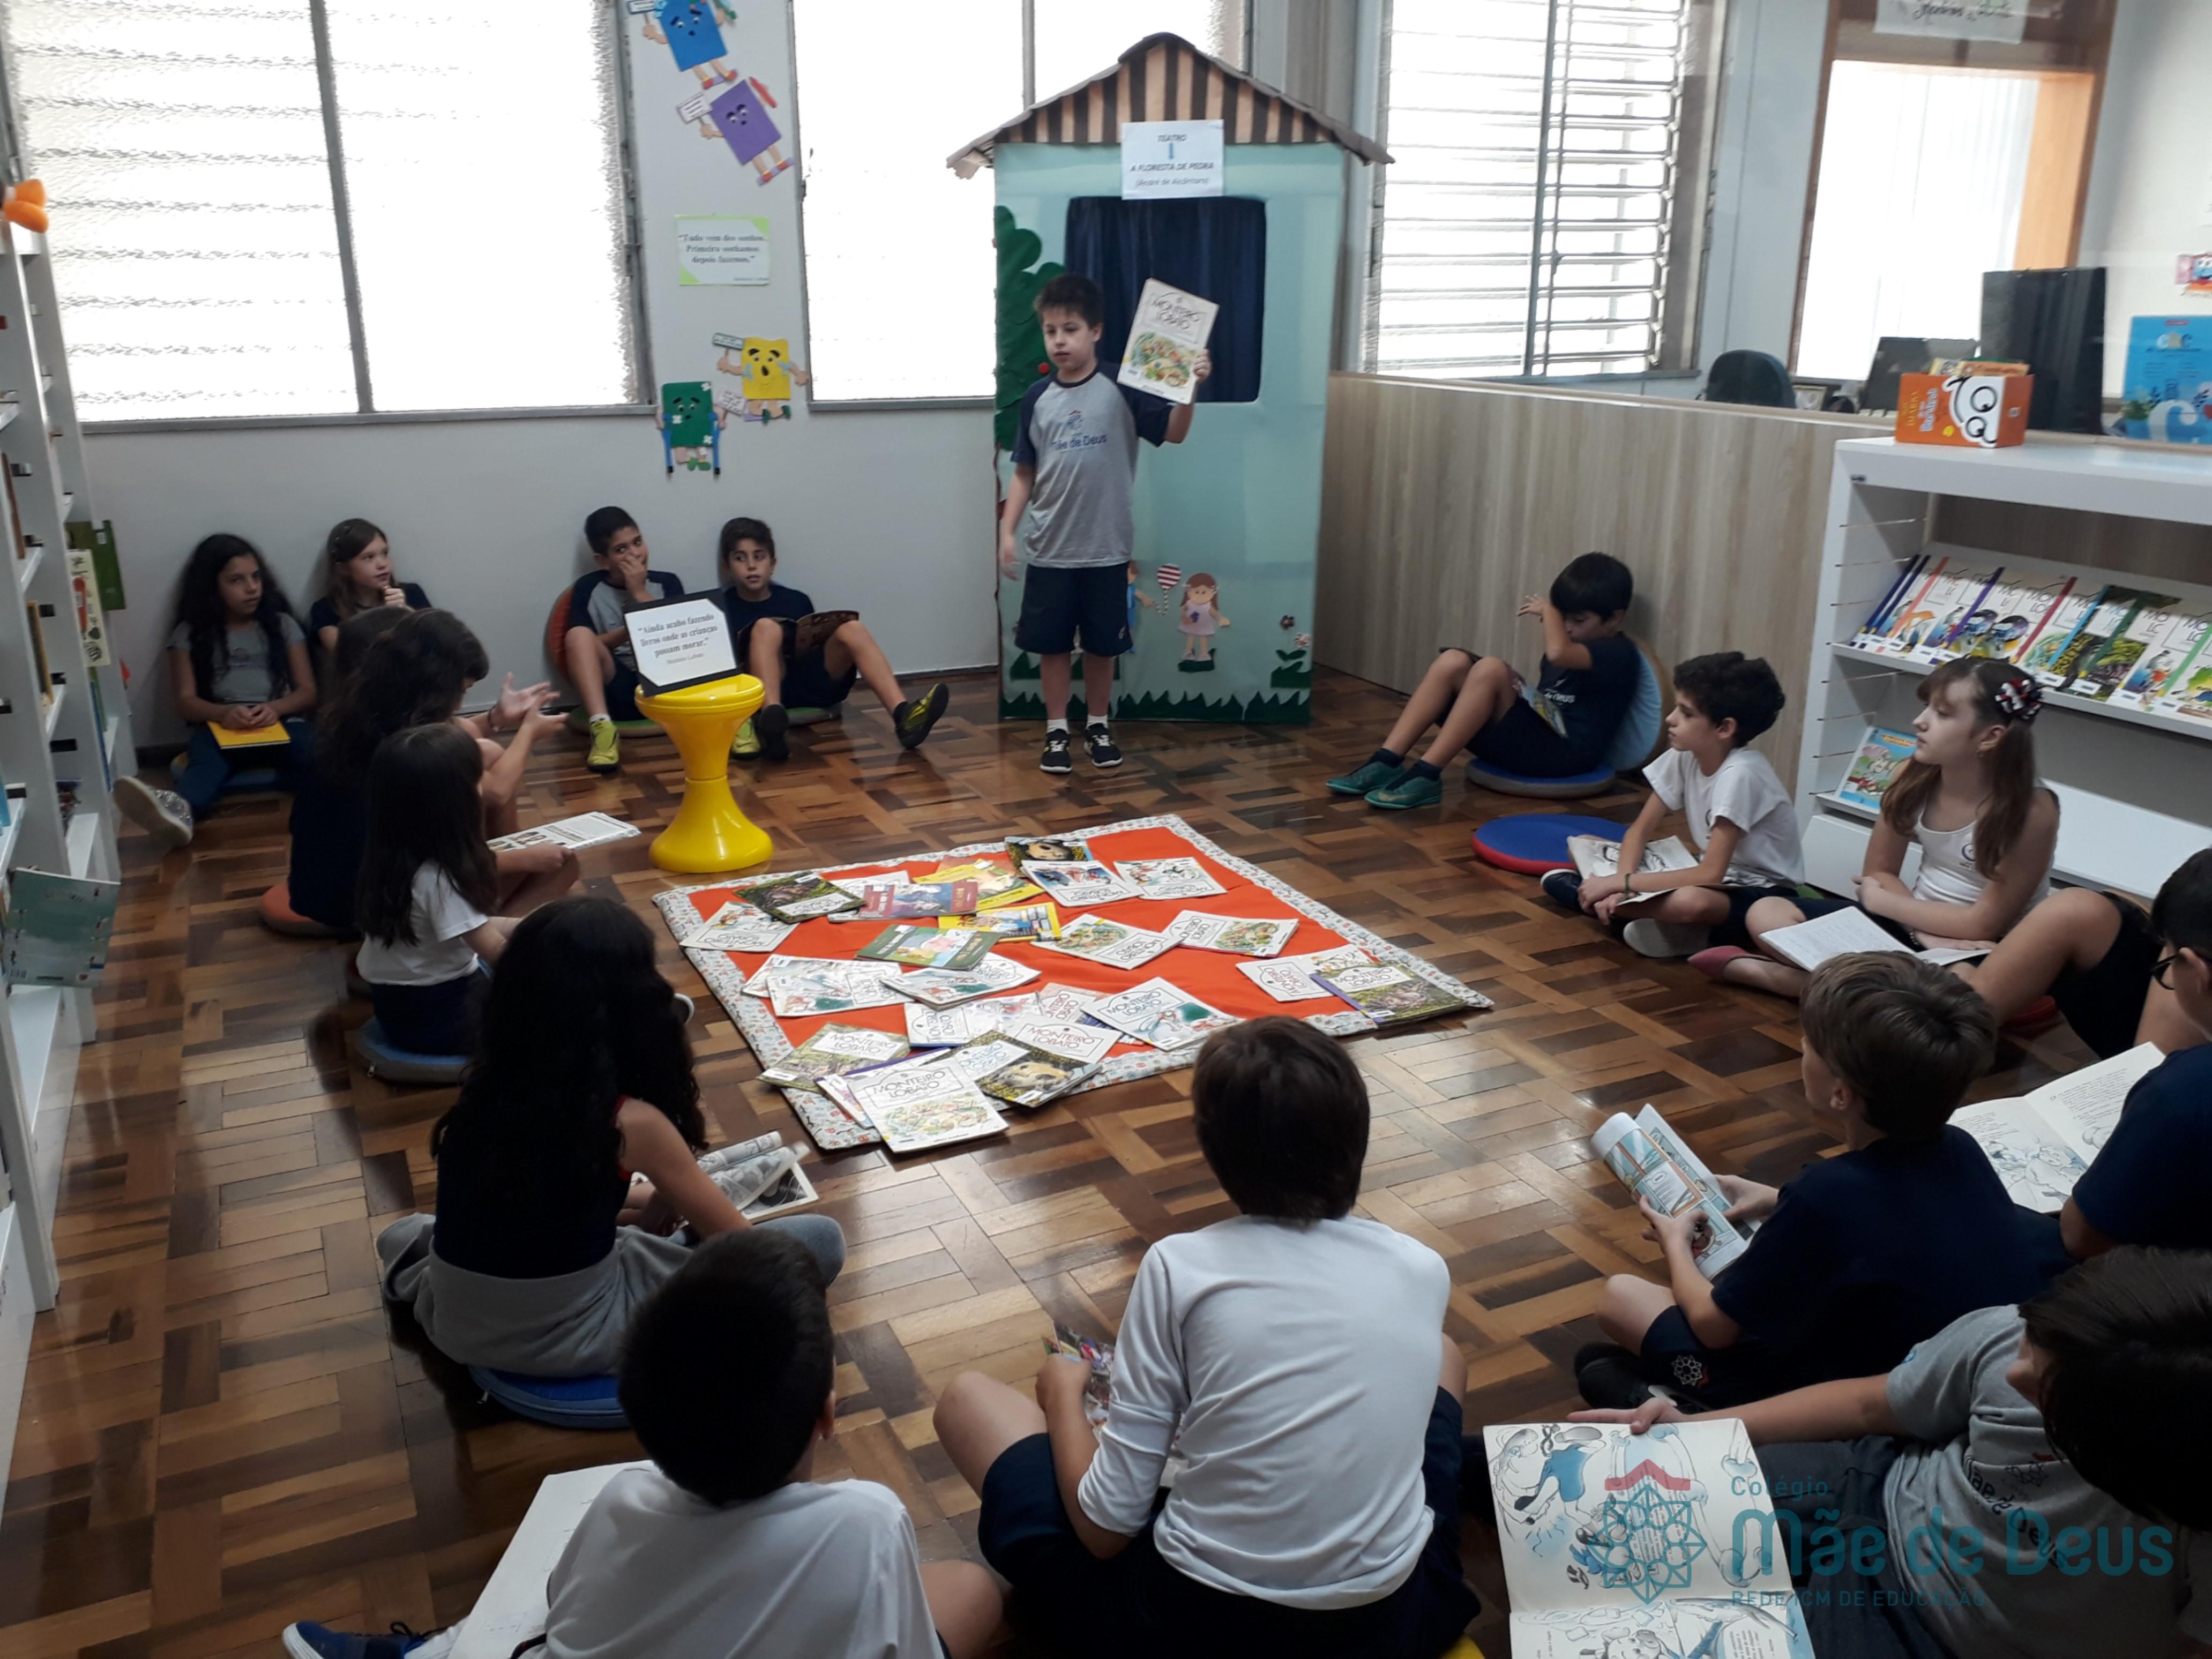 Dia 18 de abril: Dia do Livro Infantil e aniversário de Monteiro Lobato